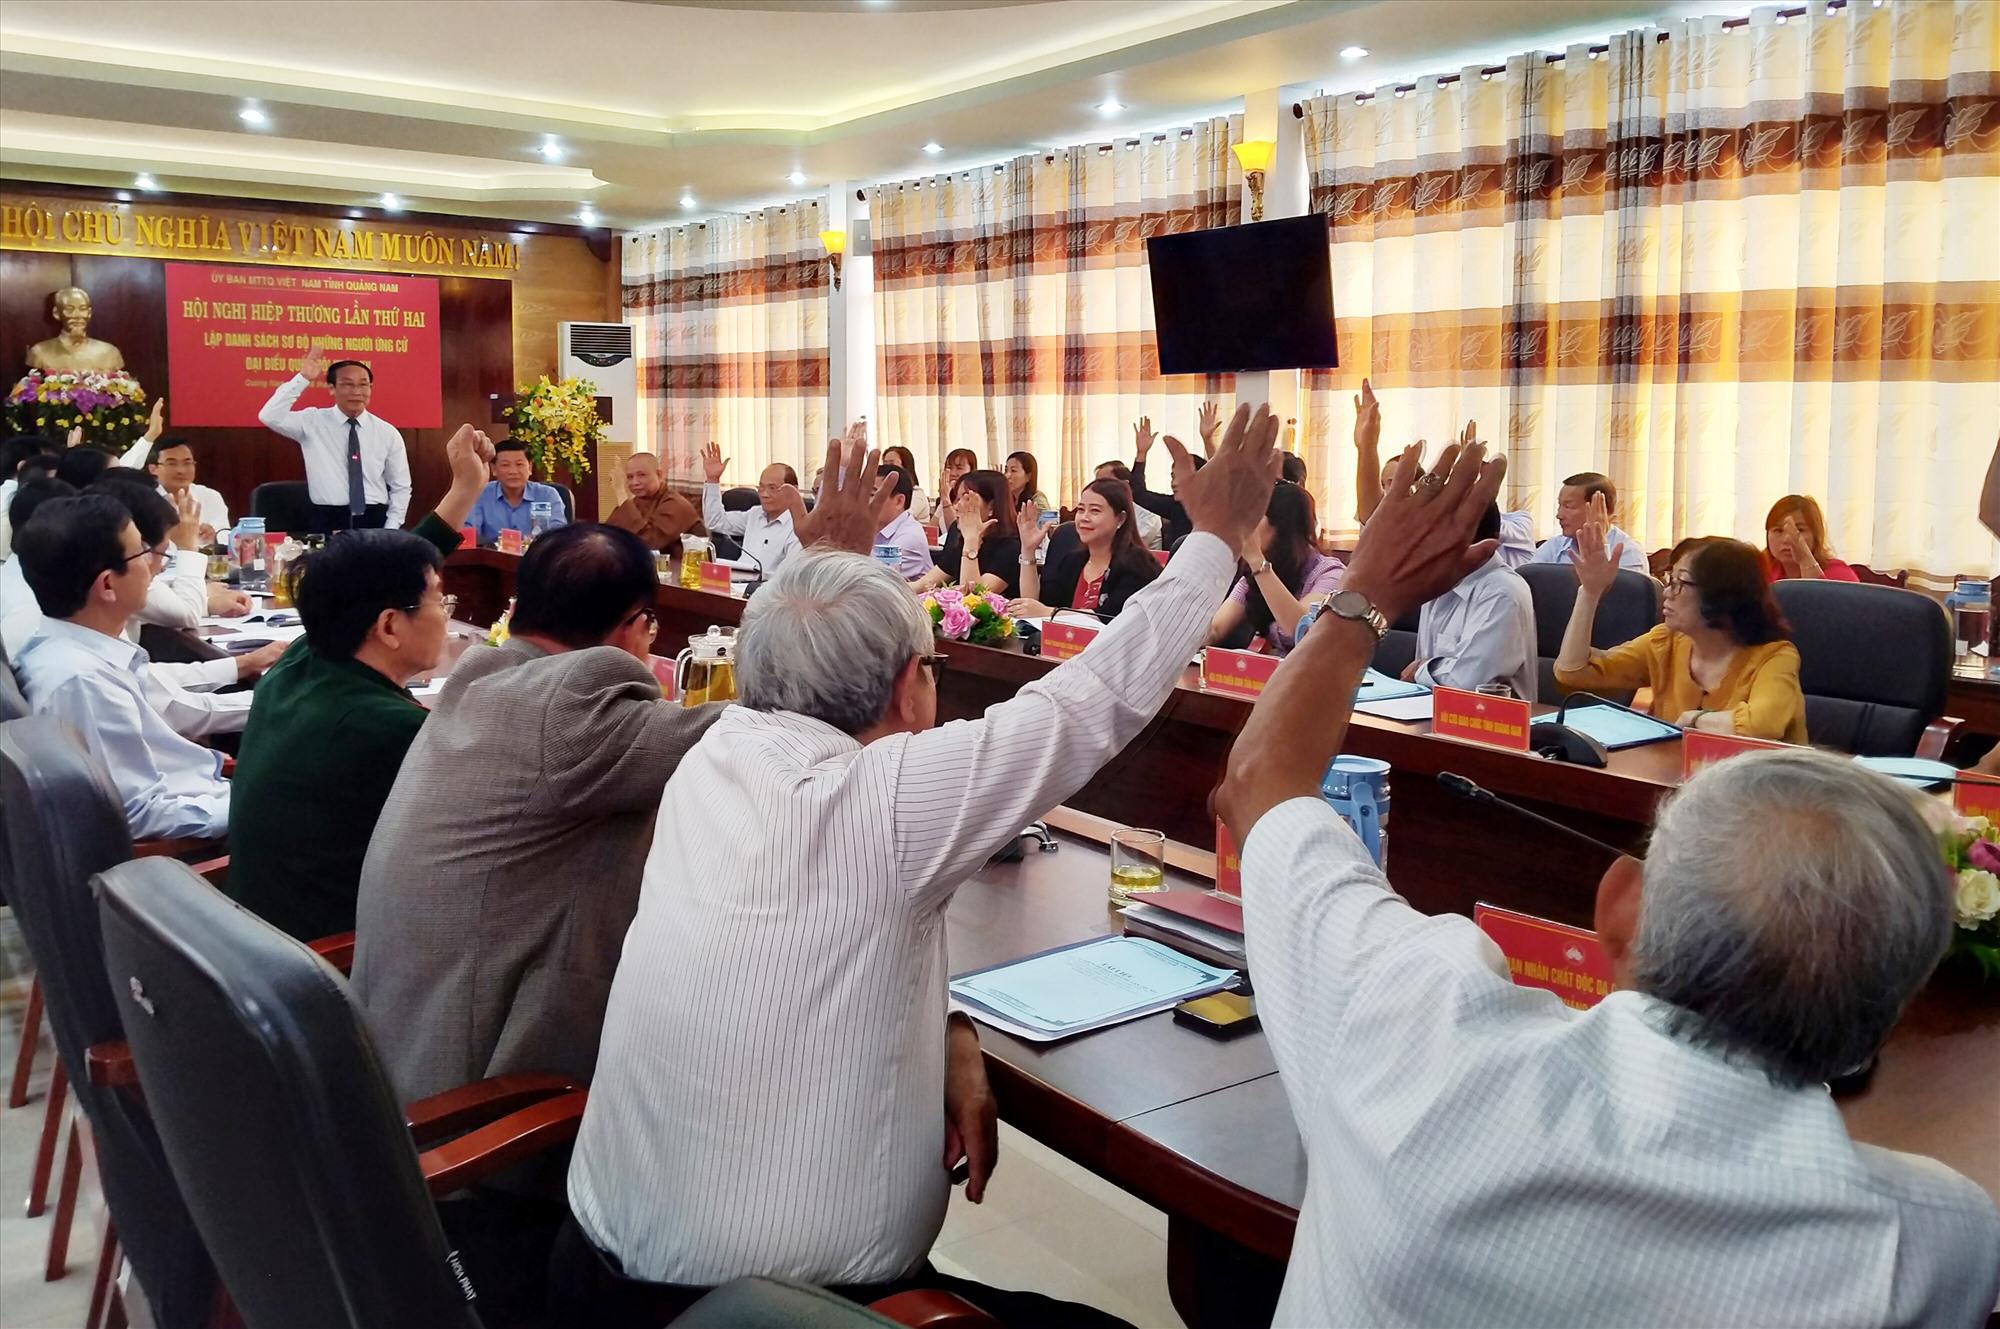 Ban Thường trực Ủy ban MTTQ Việt Nam tỉnh tổ chức hội nghị hiệp thương lần hai thống nhất lập danh sách sơ bộ những người ứng cử ĐBQH khóa XV và đại biểu HĐND tỉnh khóa X. Ảnh: ĐOAN VINH